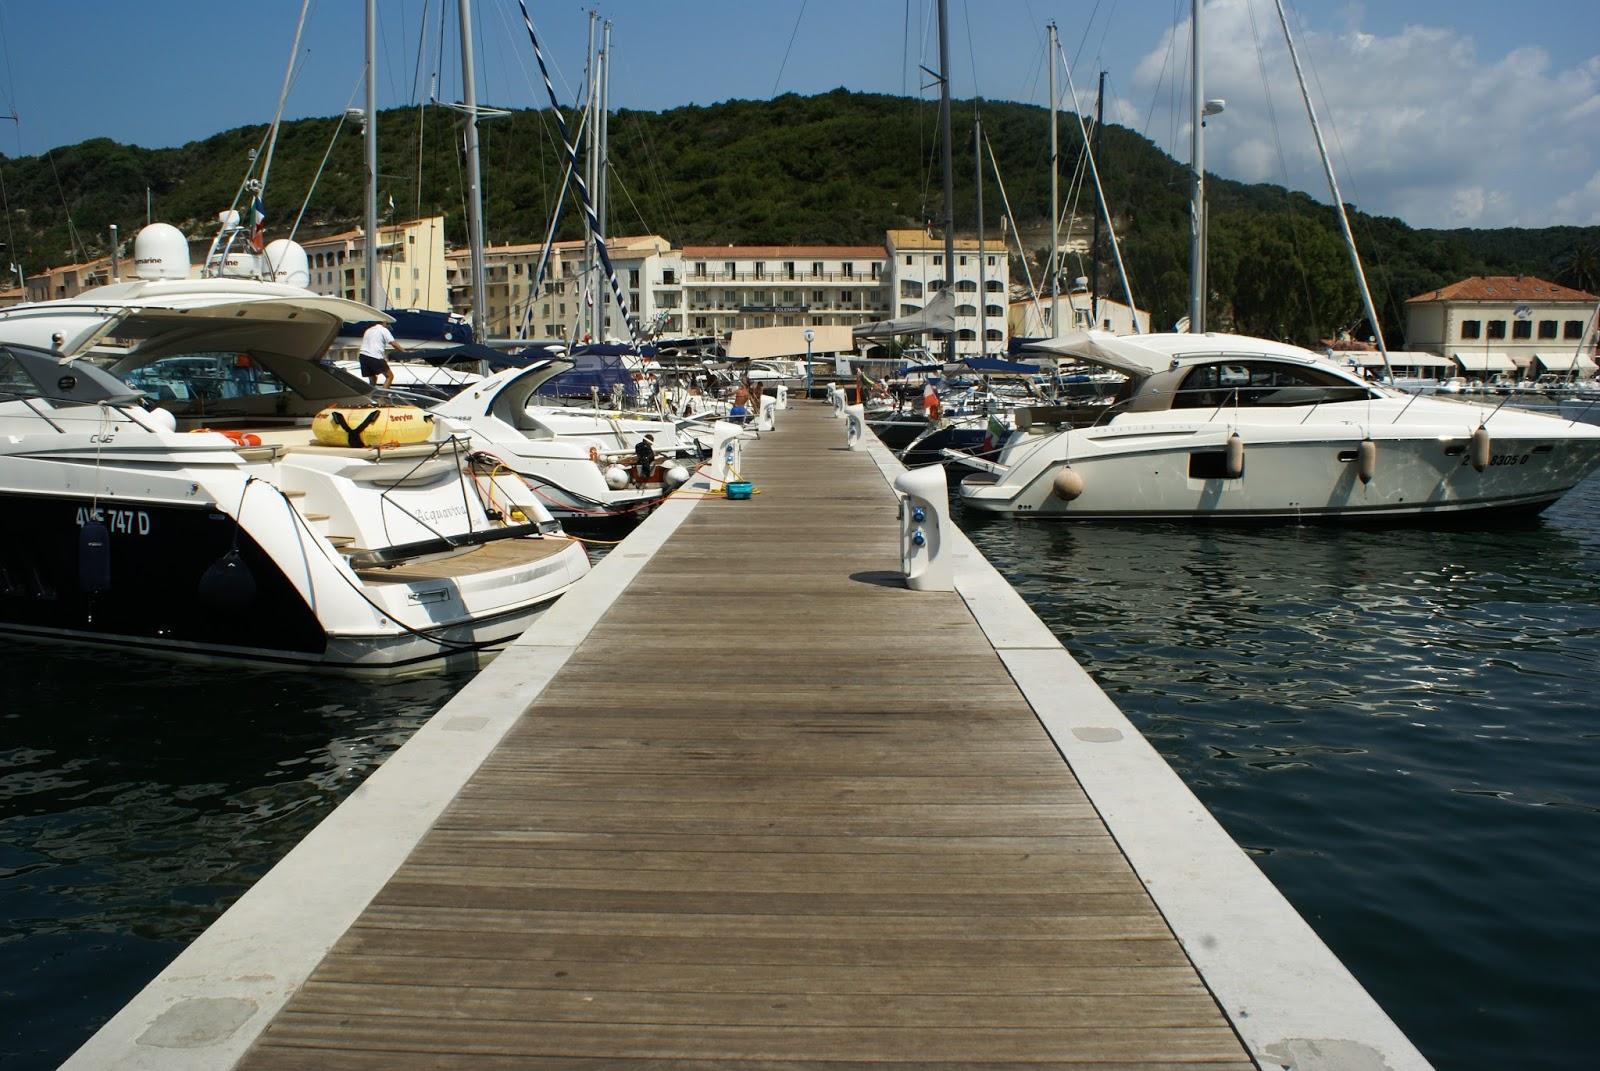 bonifacio port corse corsica été